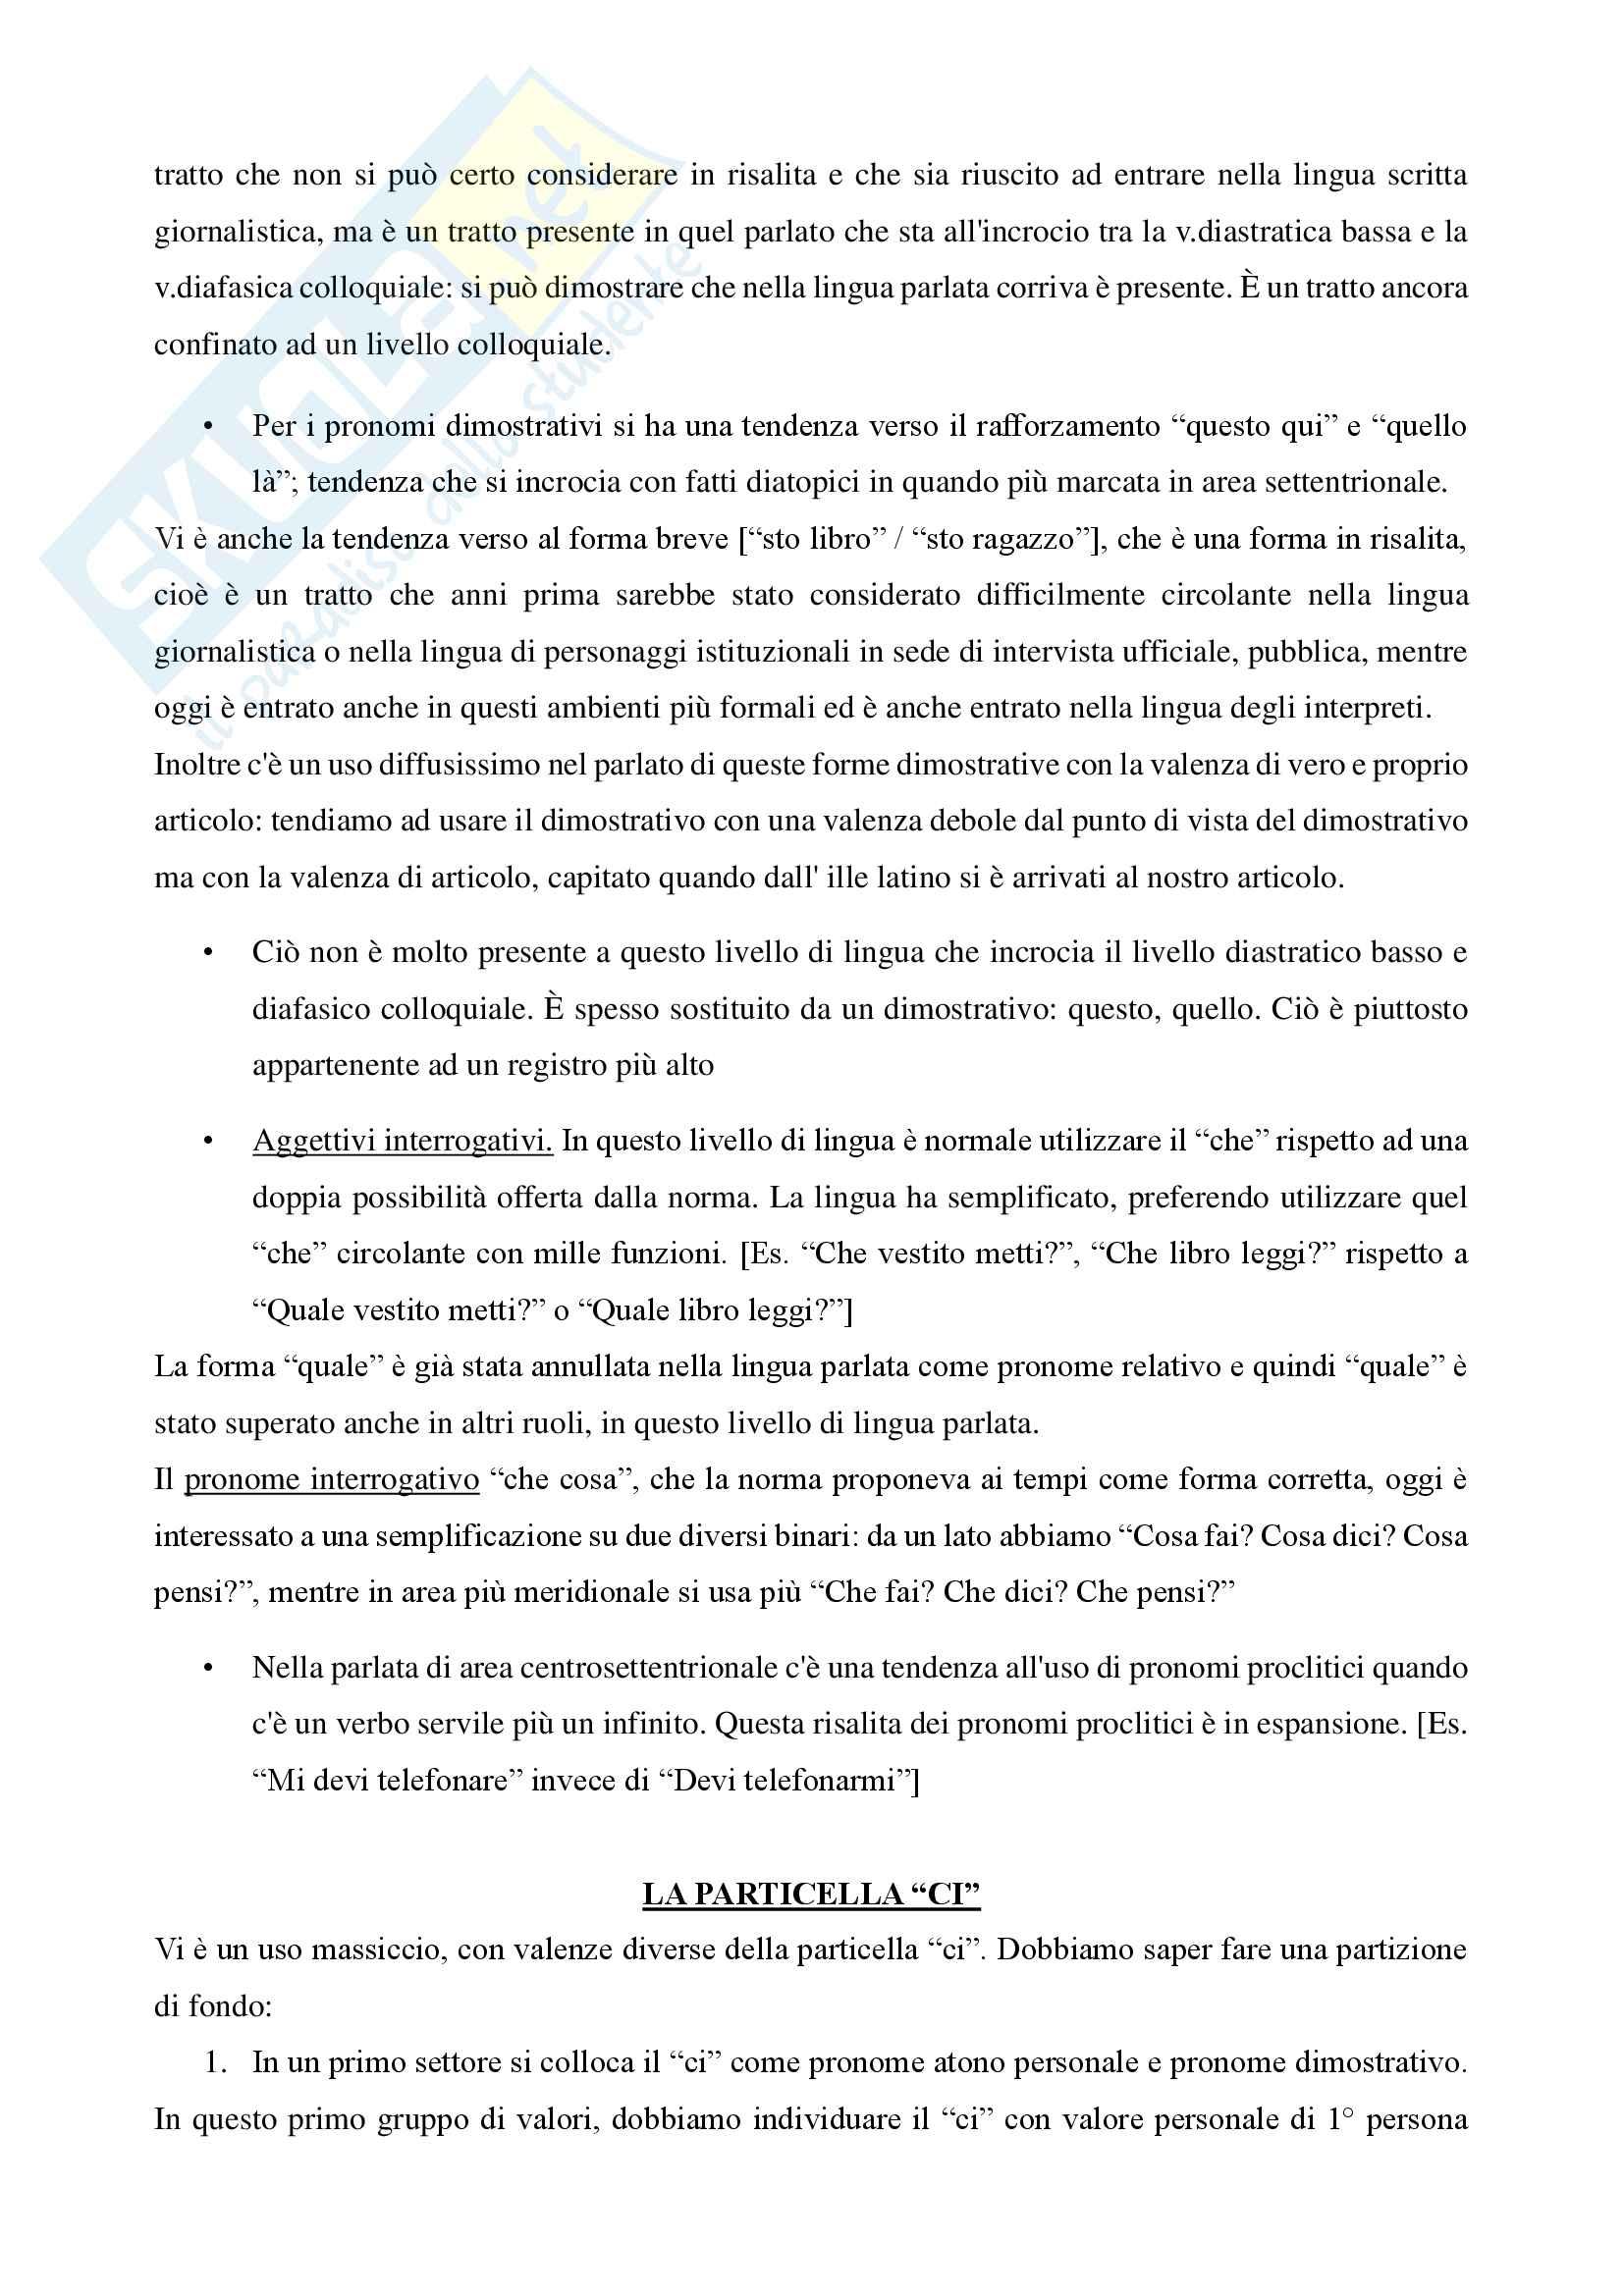 Riassunto esame Linguistica Italiana, prof. Mancini Pag. 21